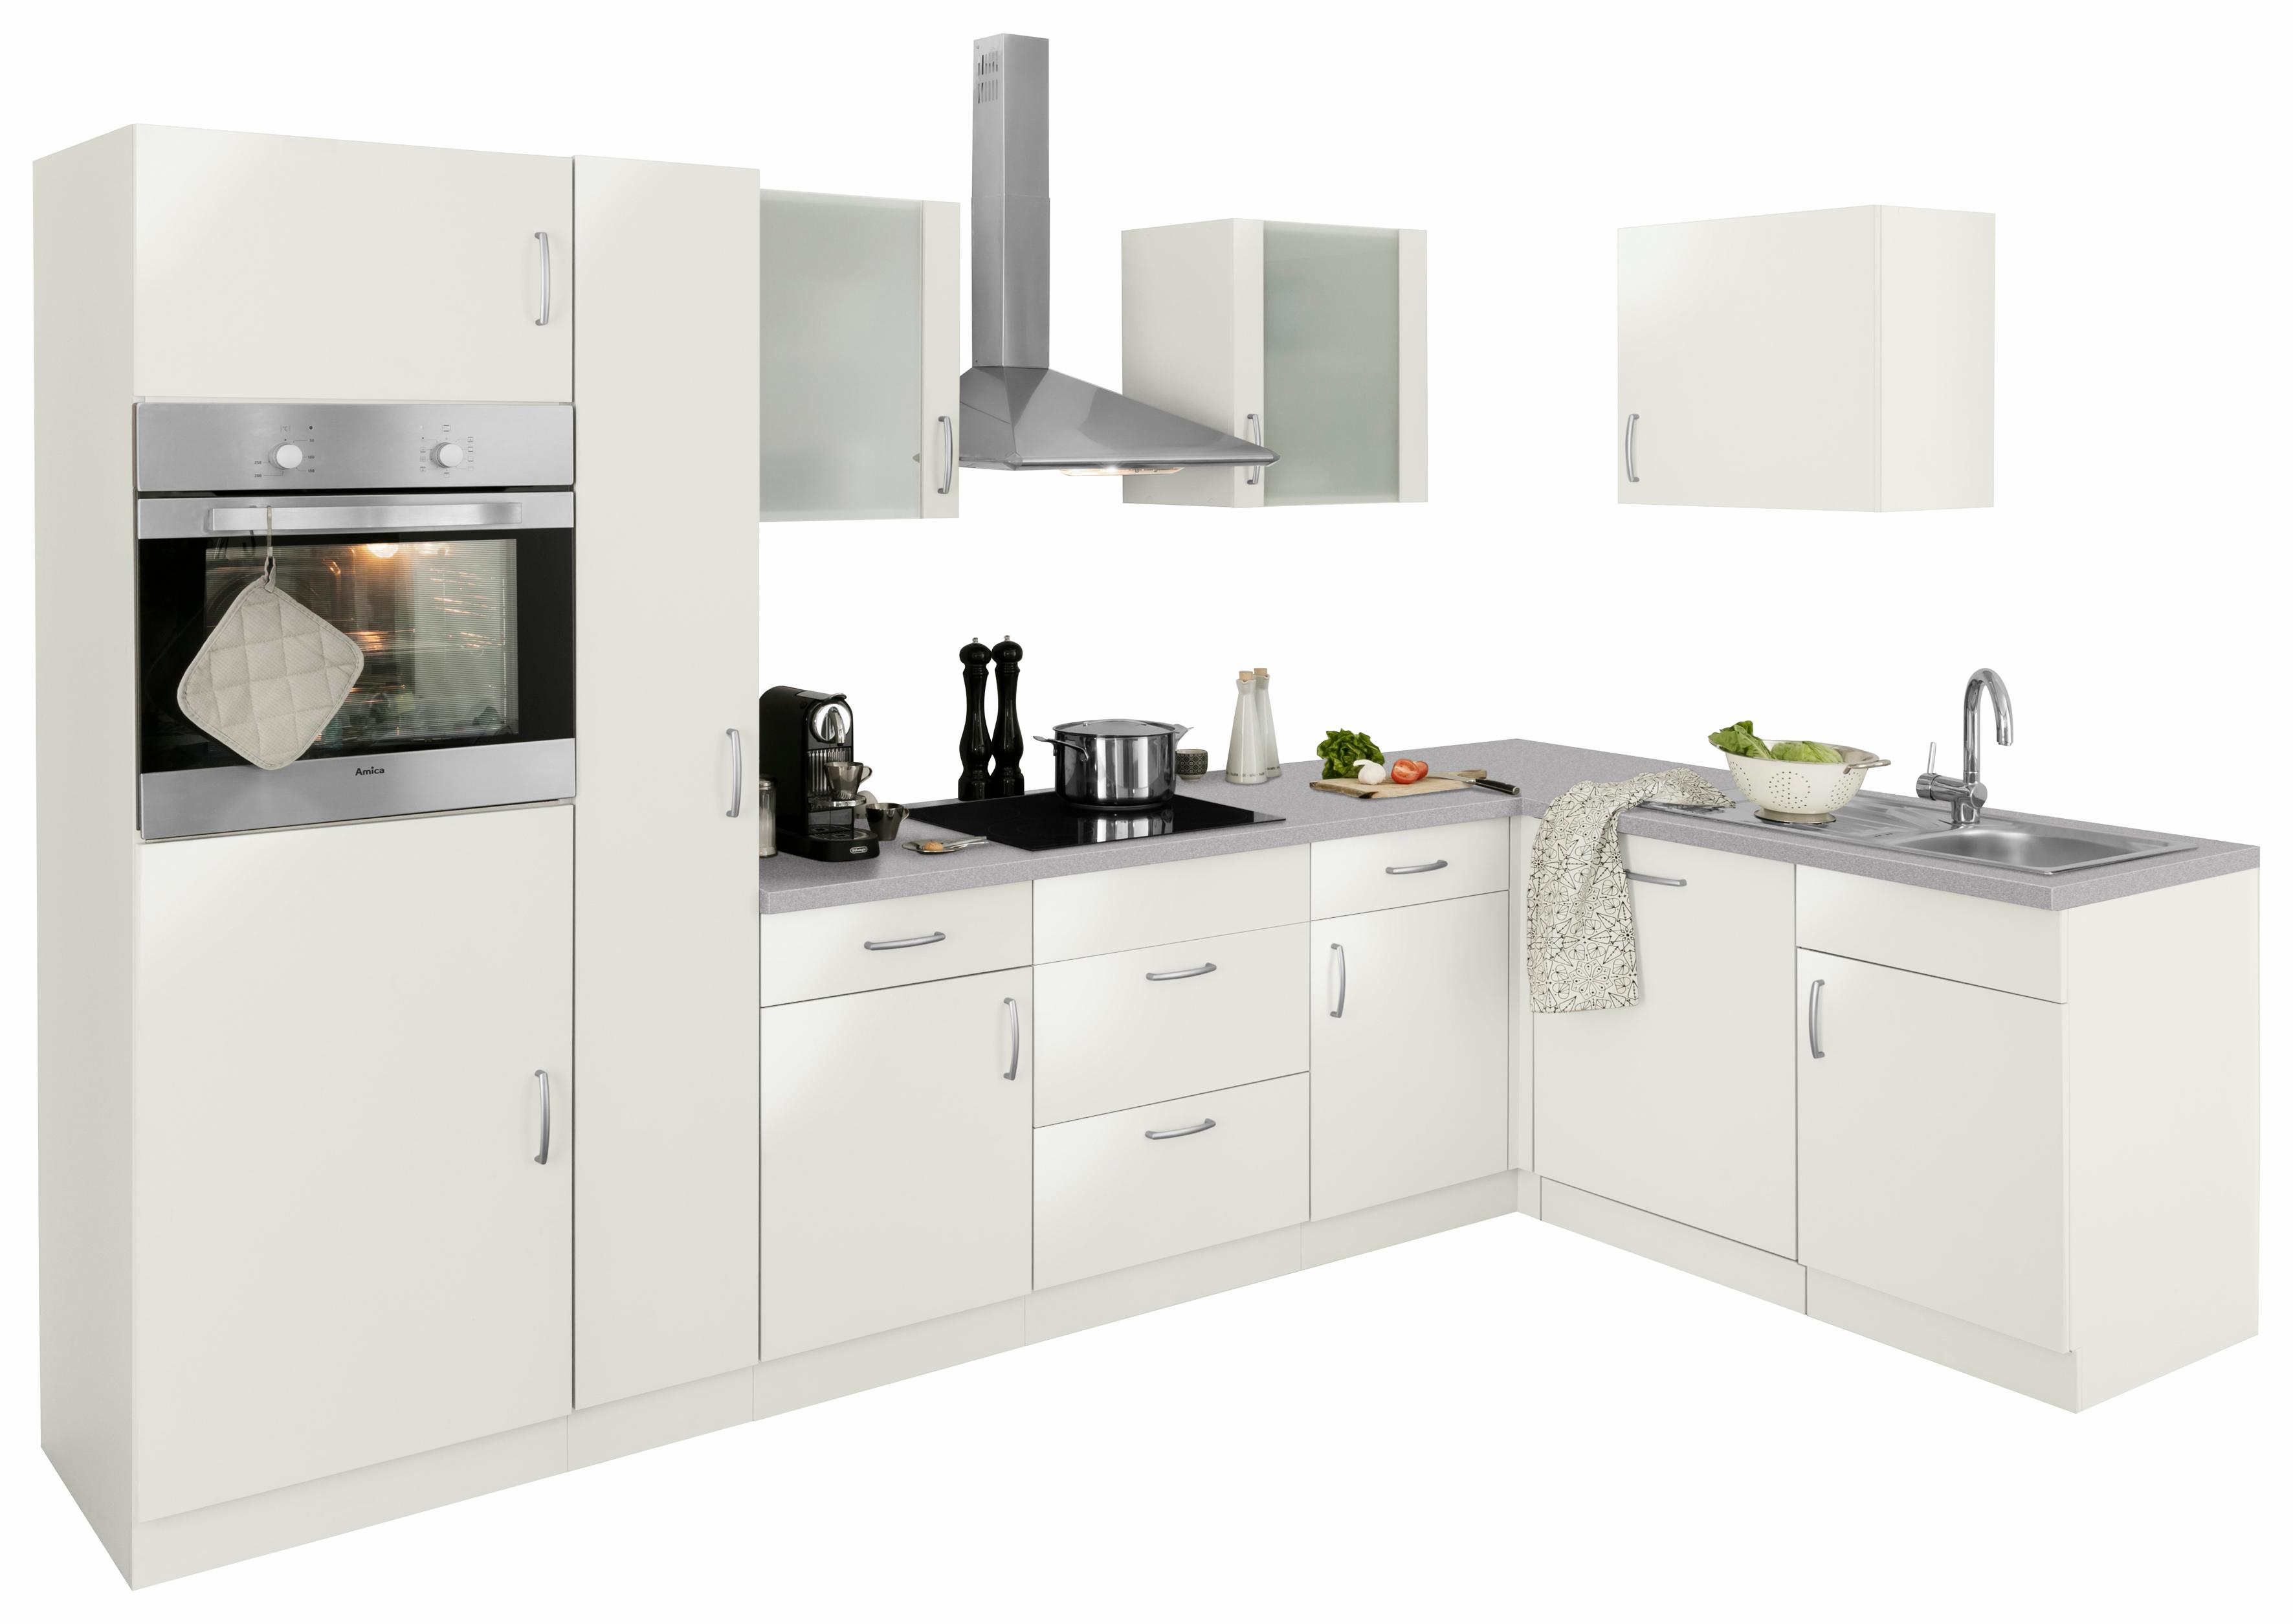 wiho Küchen Winkelküche Brüssel   Küche und Esszimmer > Küchen > Winkelküchen   Weiß   Wiho Küchen